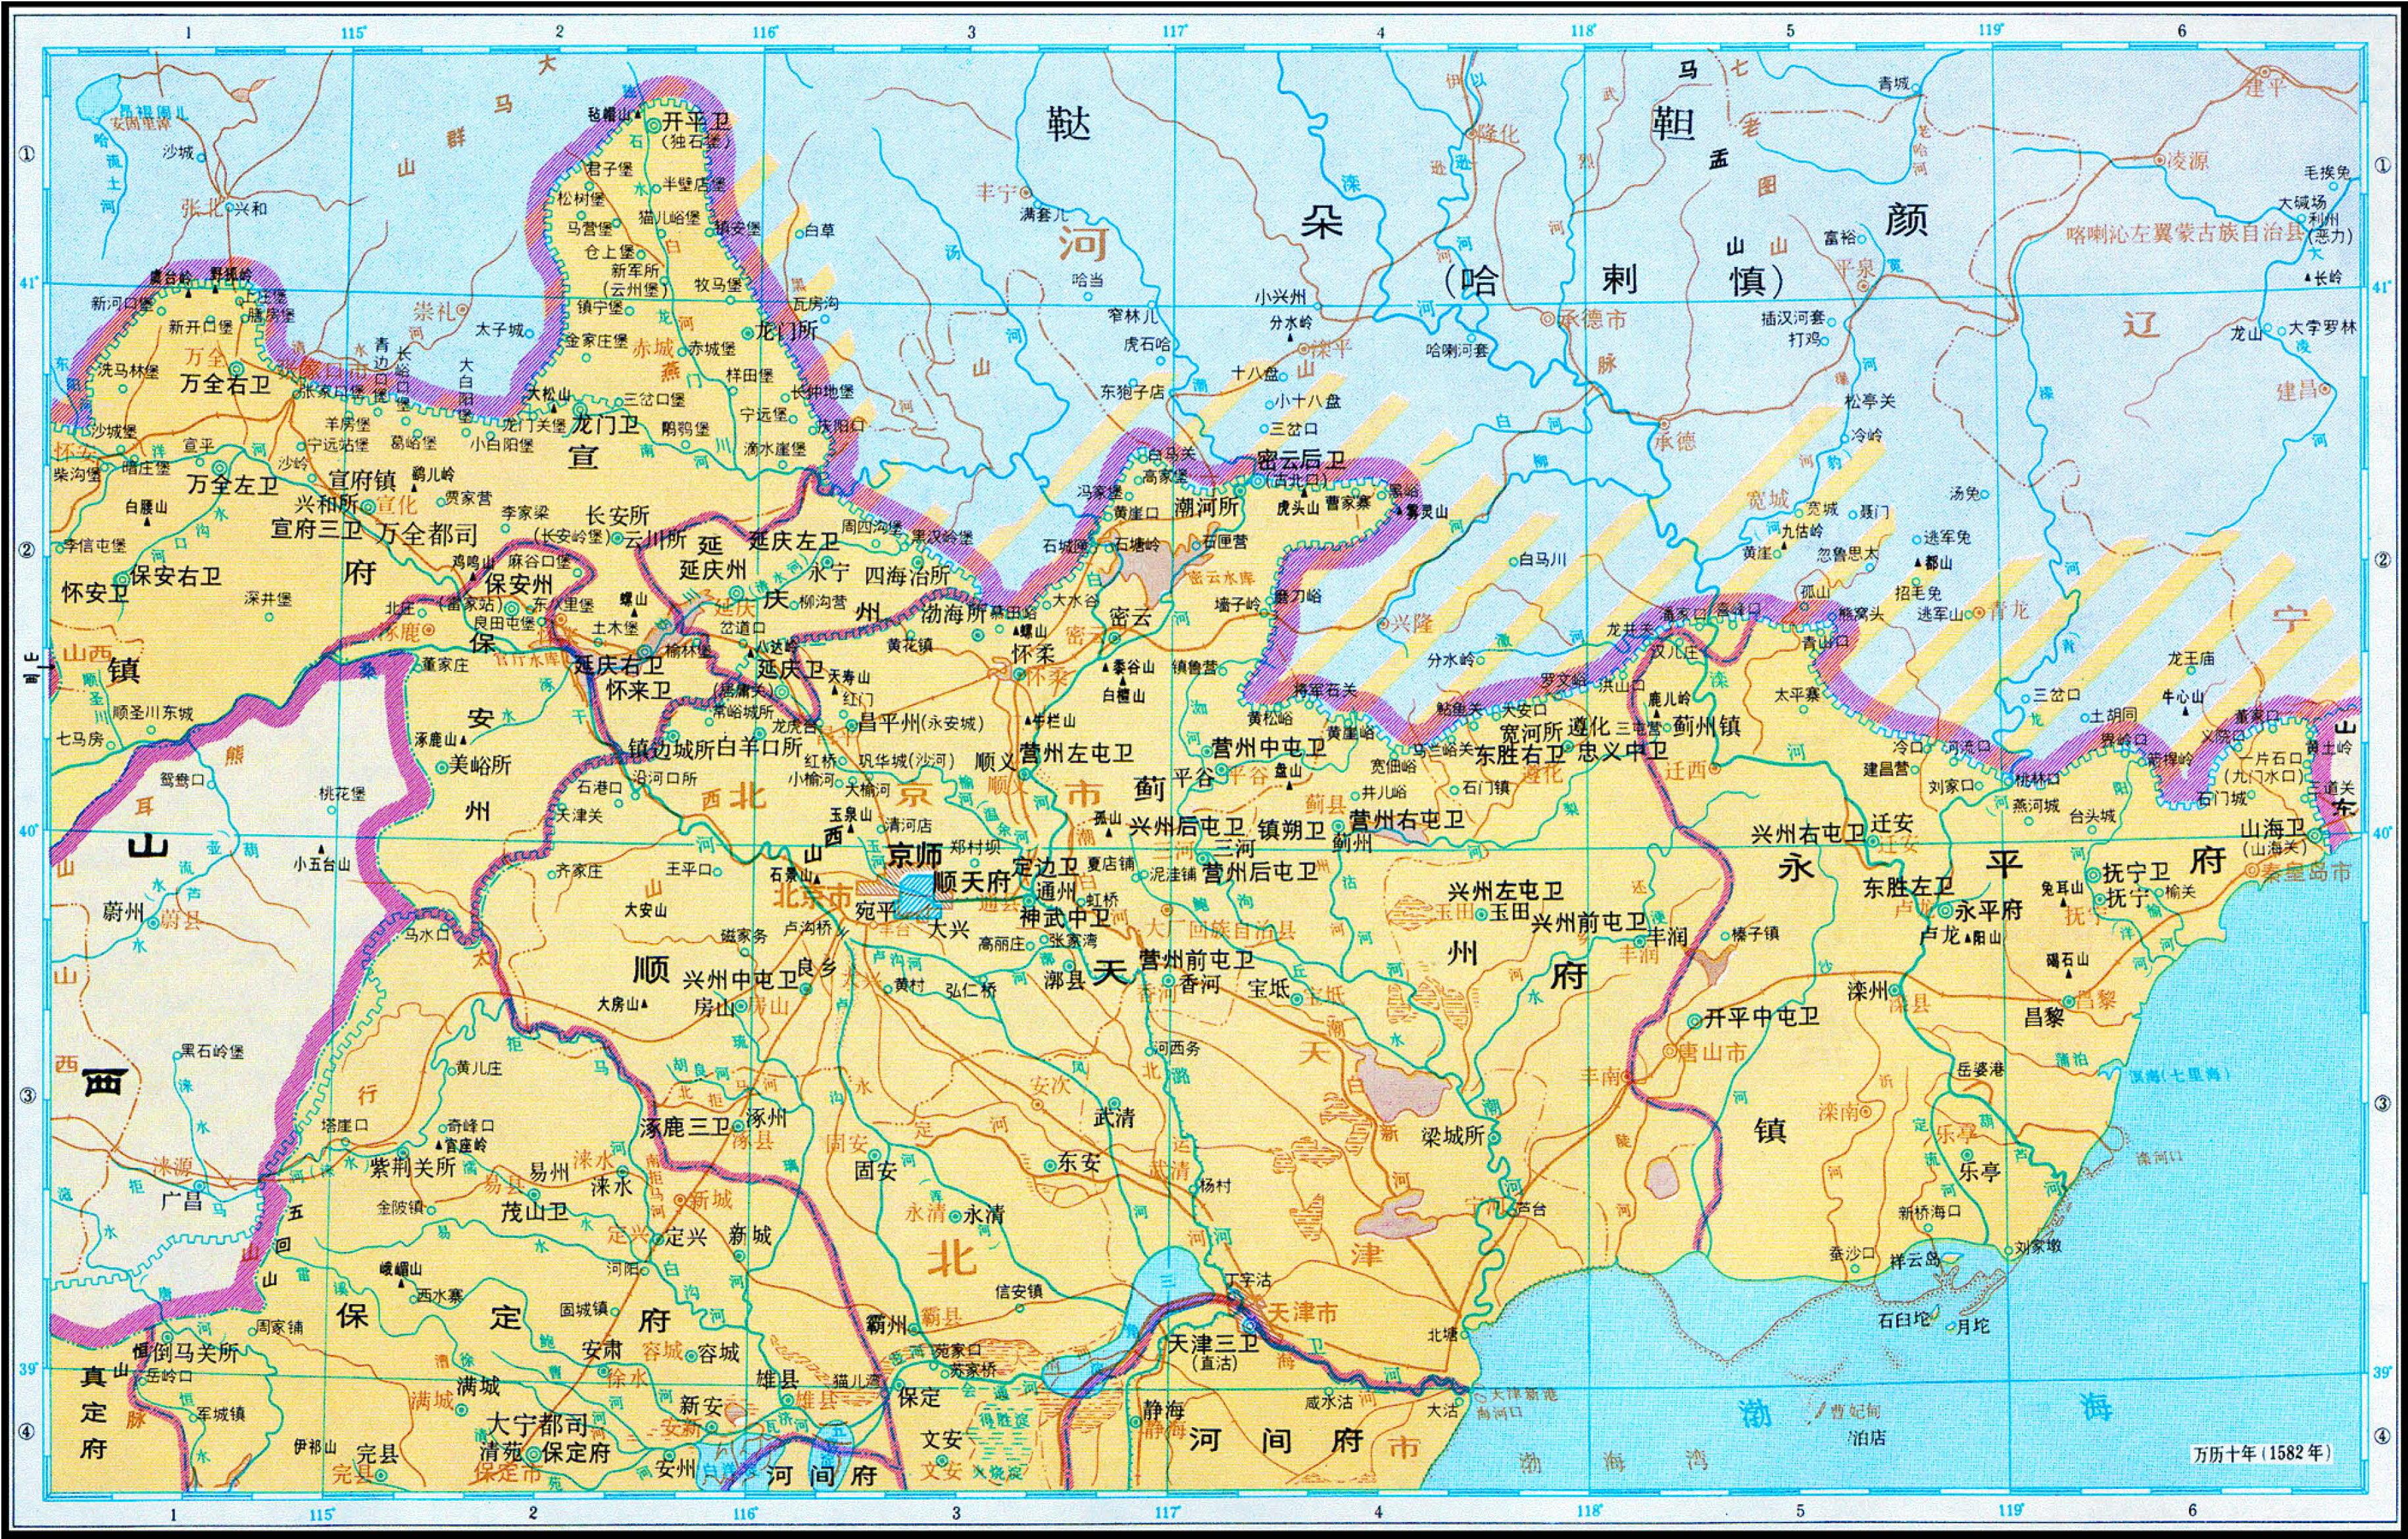 历史地图:顺天府附近(明)_中国史稿地图地图库_地图窝图片